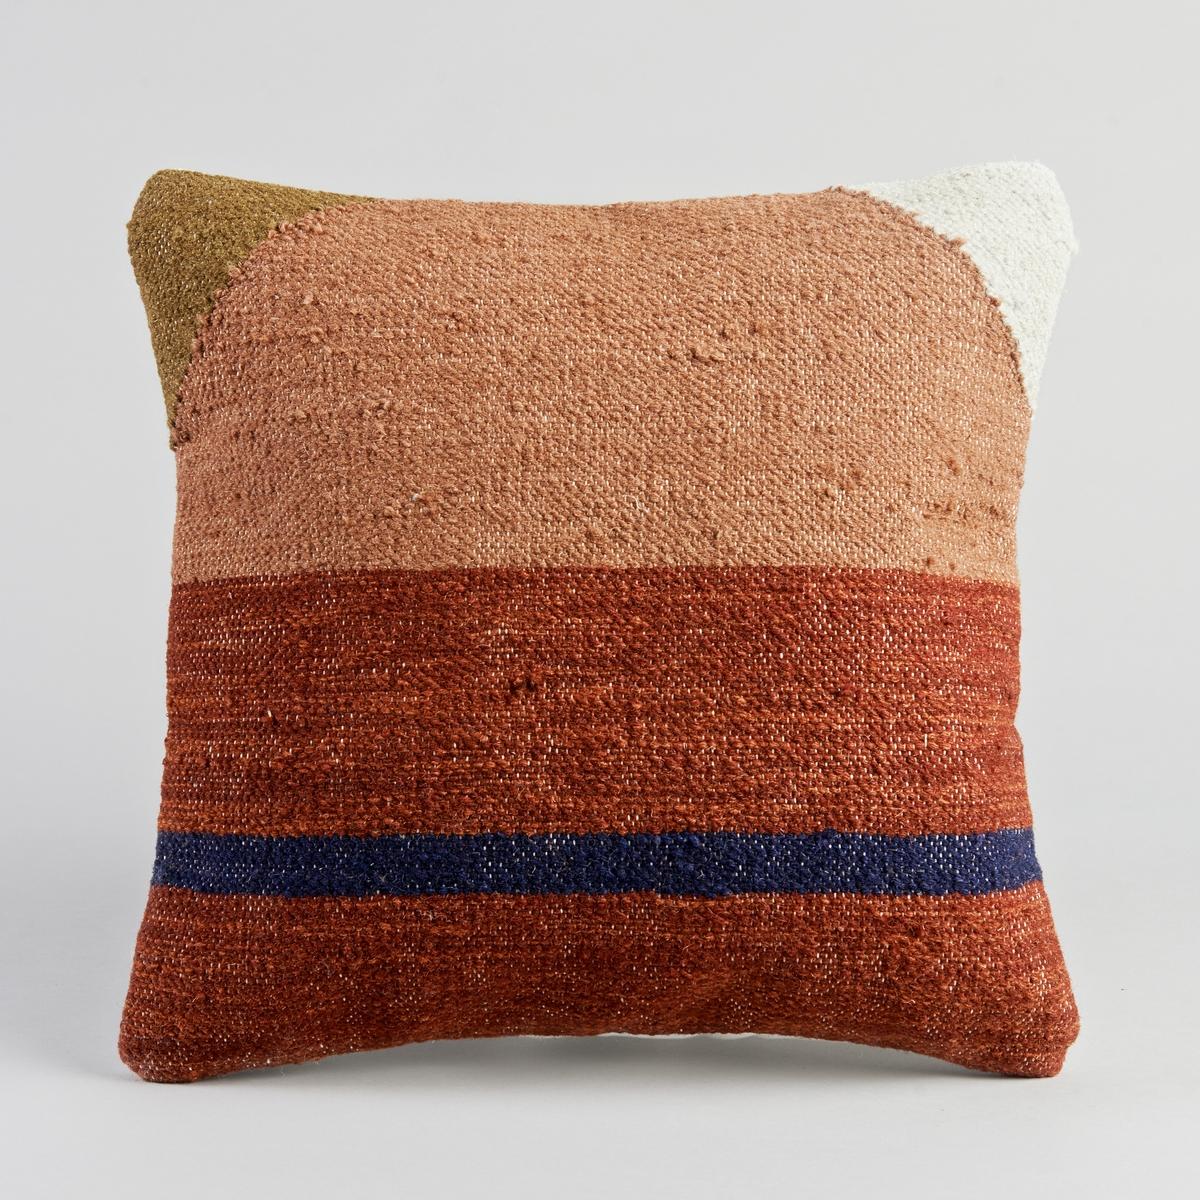 Чехол для подушки EliceЧехол для подушки Kilim. Застежка на молнию. Материал :- Лицевая сторона, 77% шерсти, 23% хлопка- Оборотная сторона из 100% хлопка.Размер : - 45 x 45 см.<br><br>Цвет: красно-коричневый